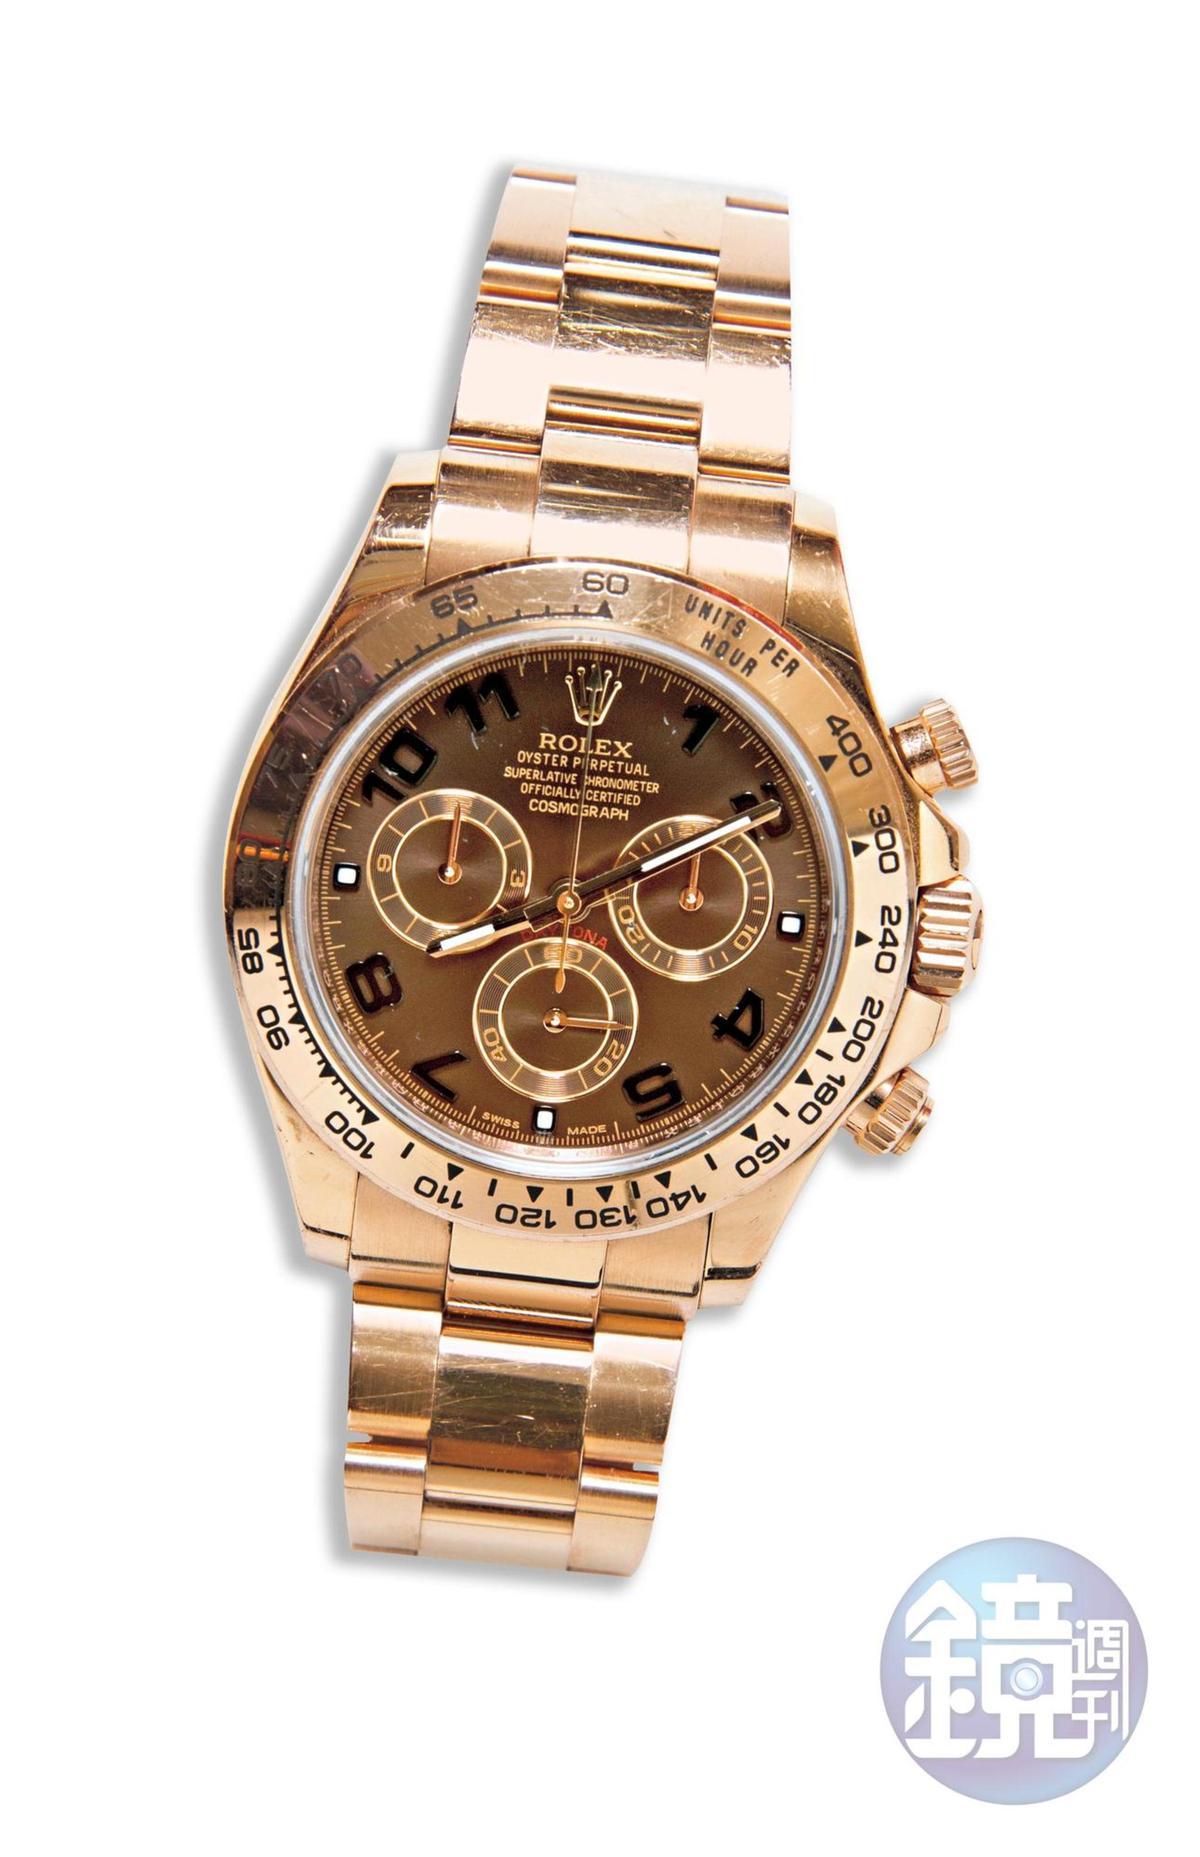 媽媽送的Rolex Daytona玫瑰金錶,約NT$1,100,000。